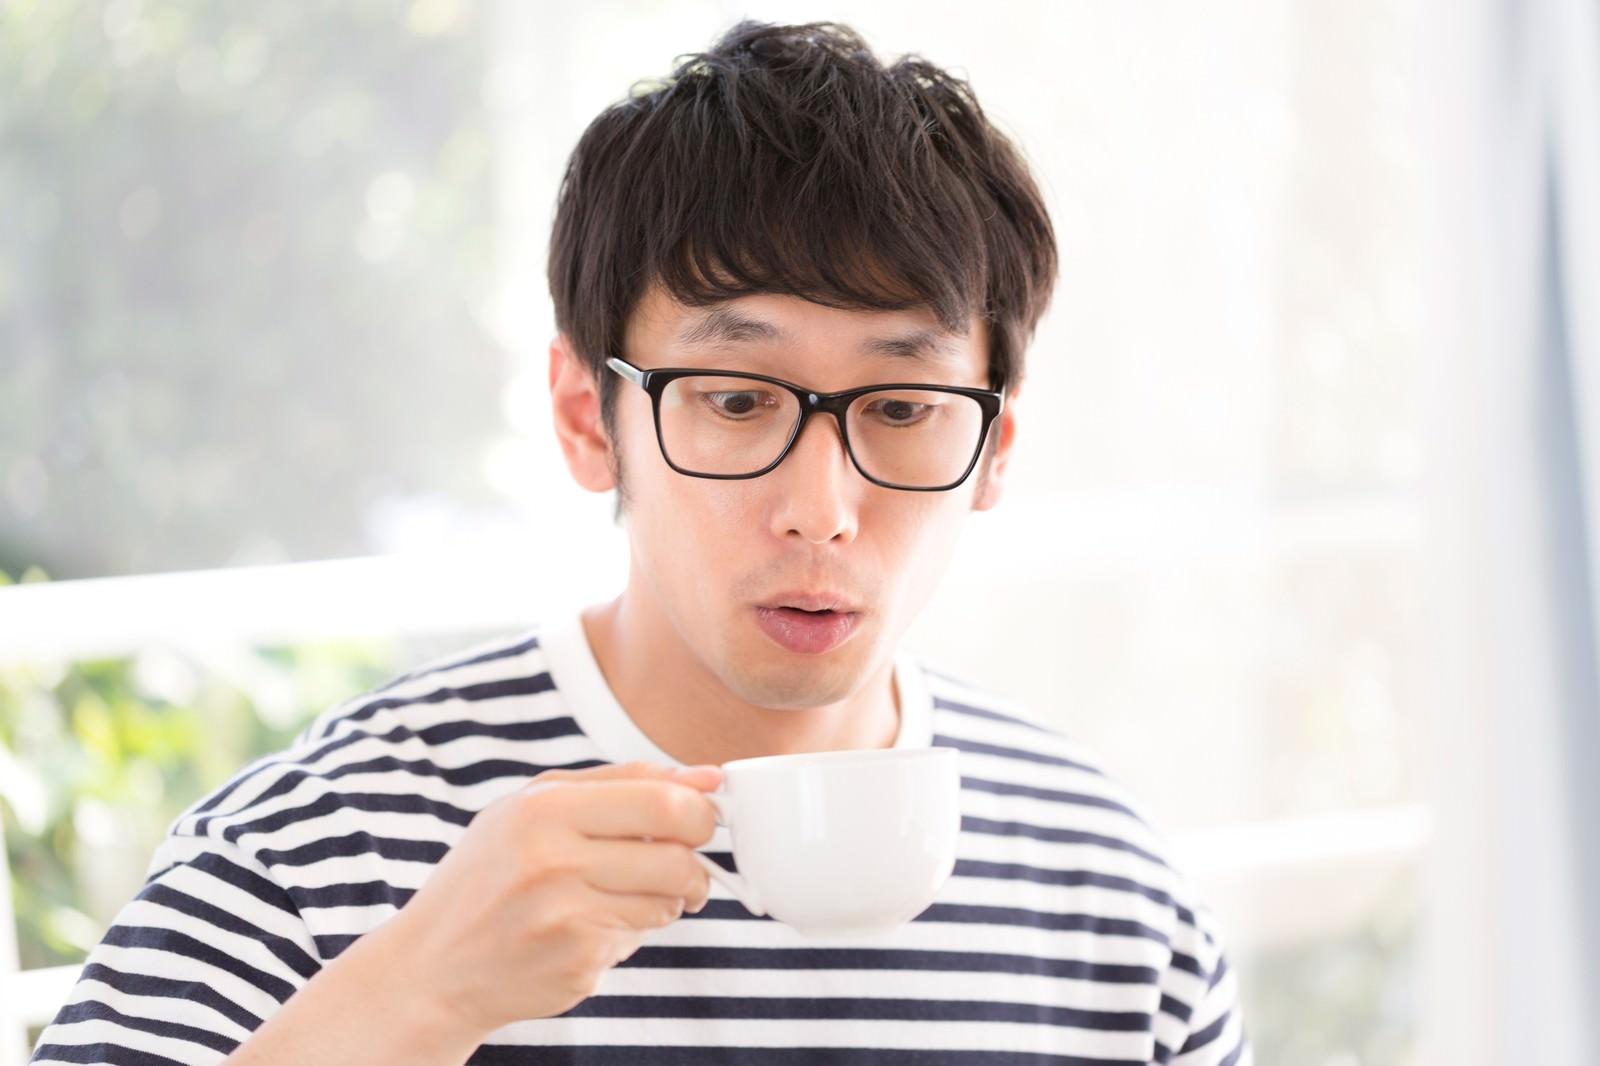 「サードウェーブコーヒーの美味しさに驚くアーリーアダプター」の写真[モデル:大川竜弥]